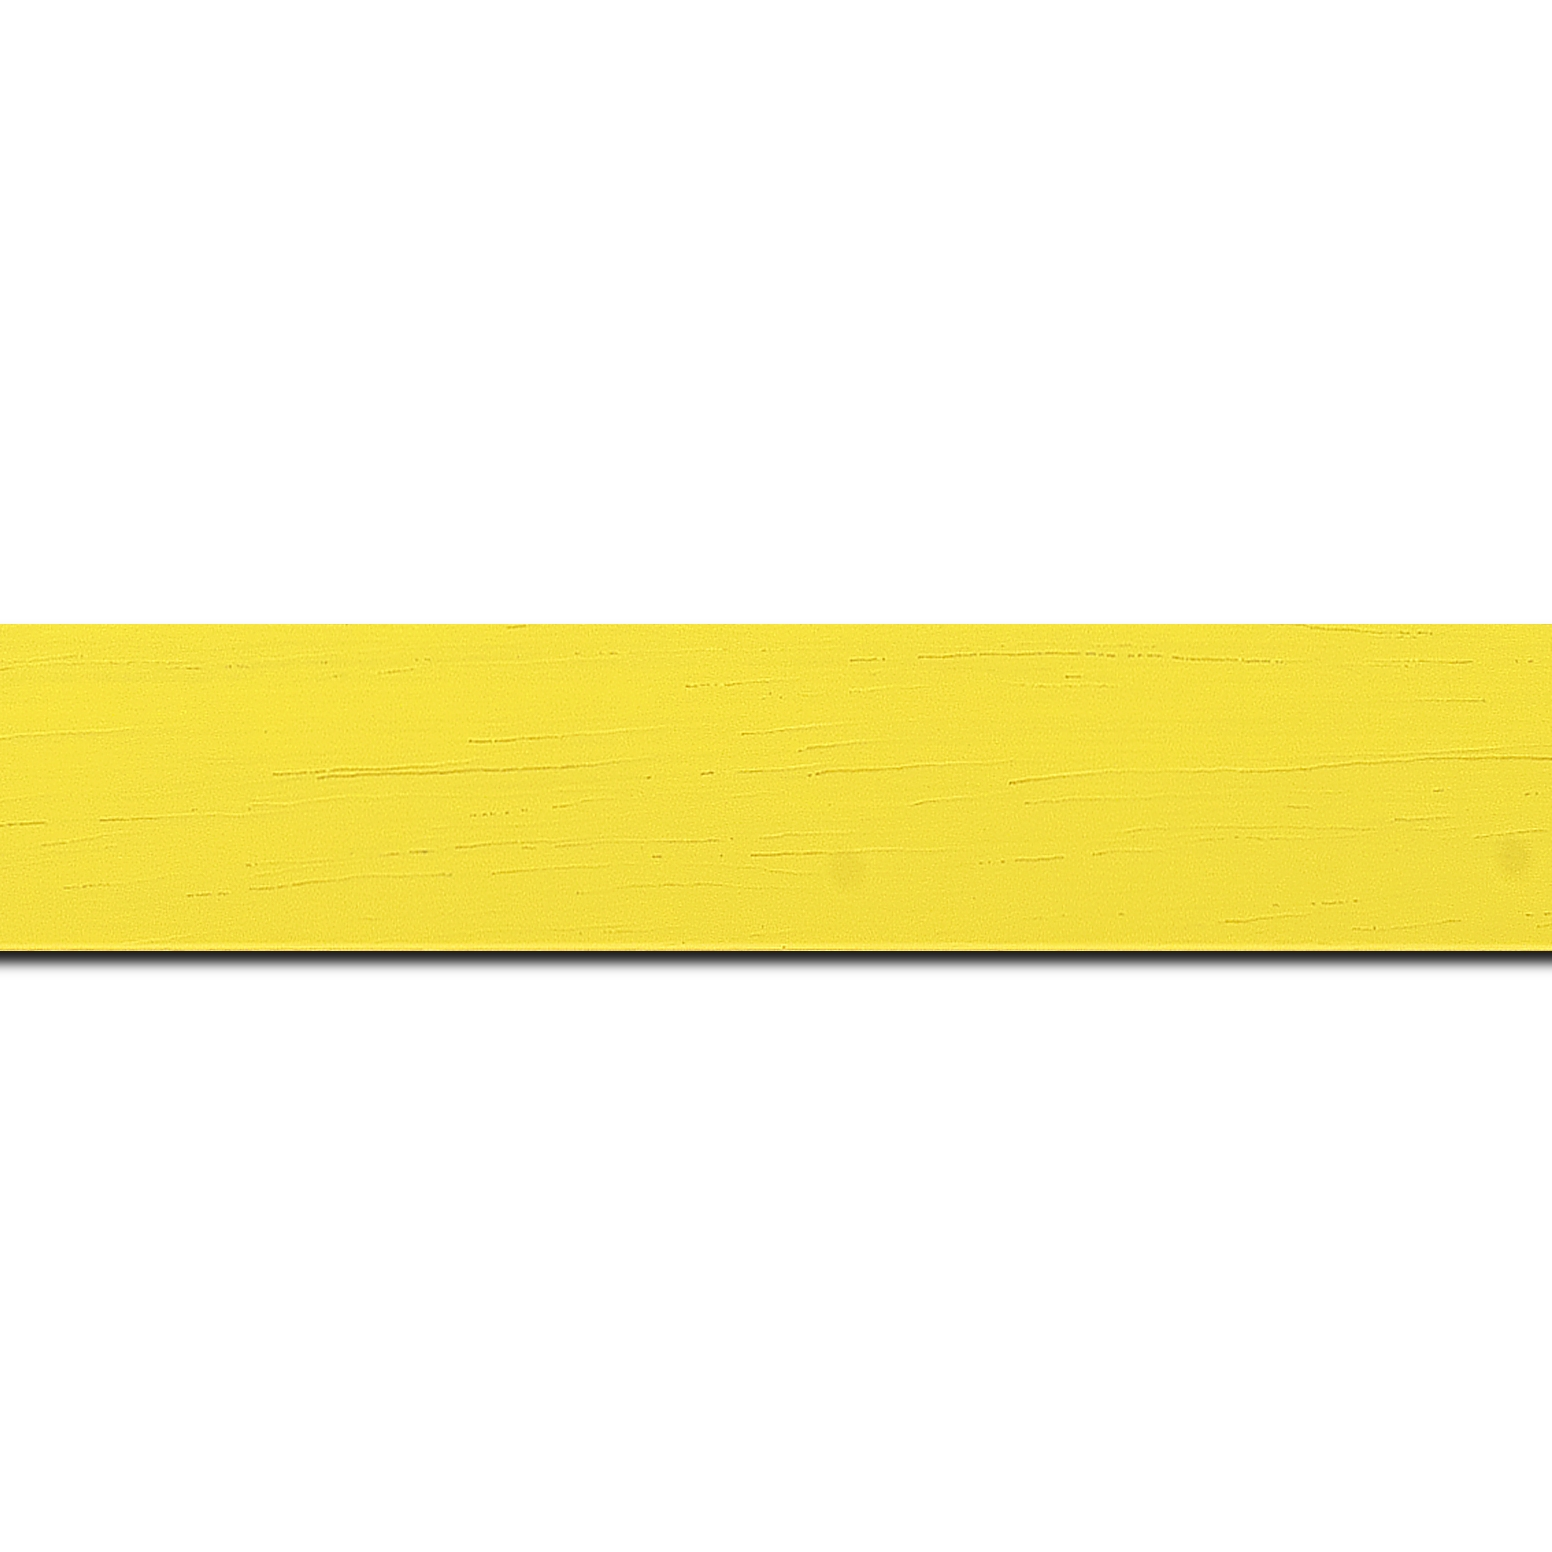 Baguette longueur 1.40m bois profil plat largeur 3cm couleur jaune tonique satiné